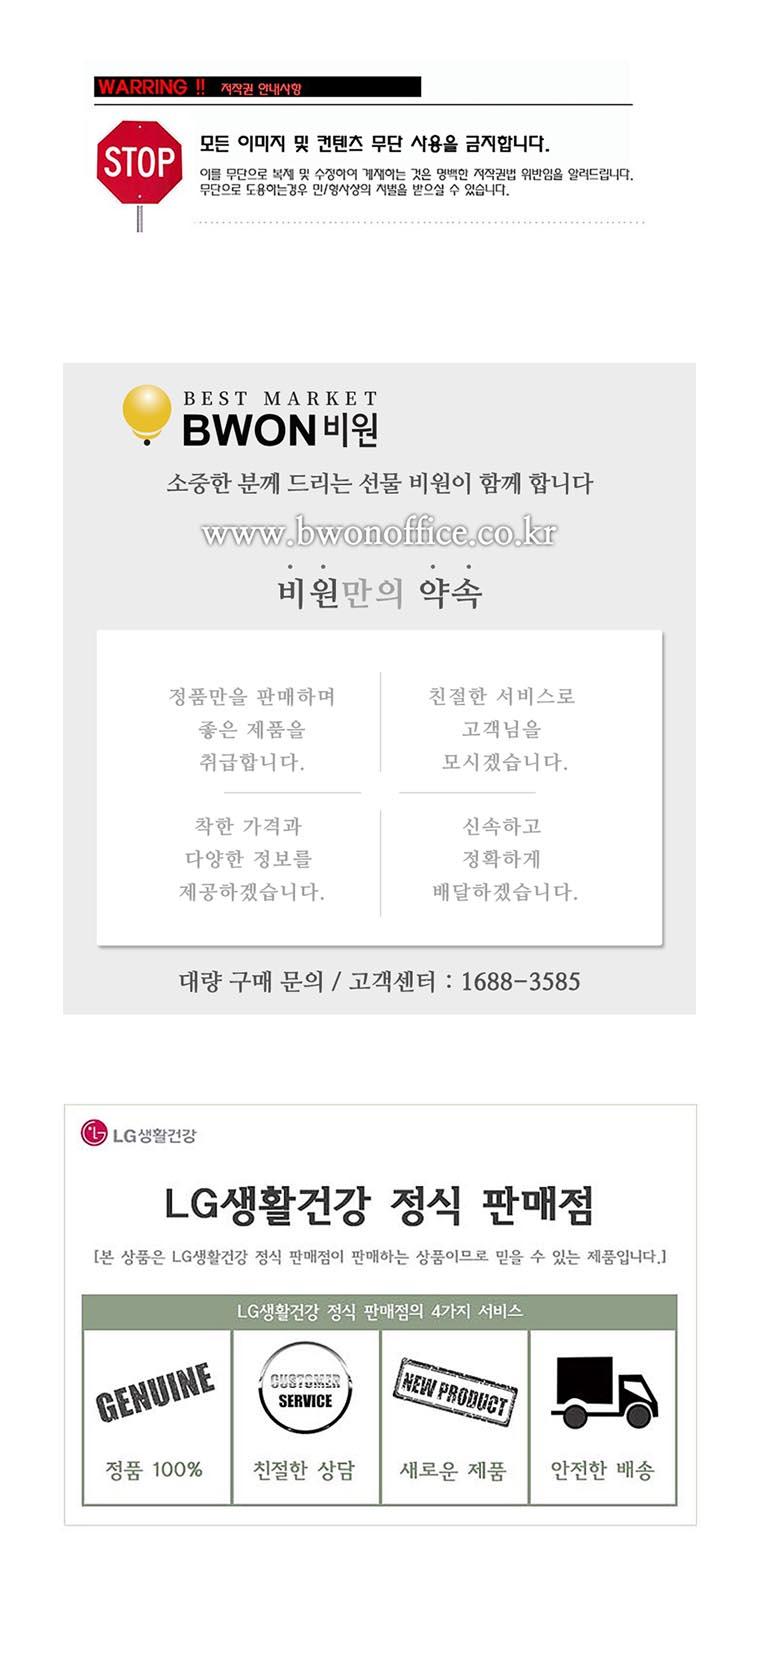 LG생활건강 쓰임가득55호 박스단위2개입 - 비원오피스, 111,800원, 헤어케어, 샴푸/린스